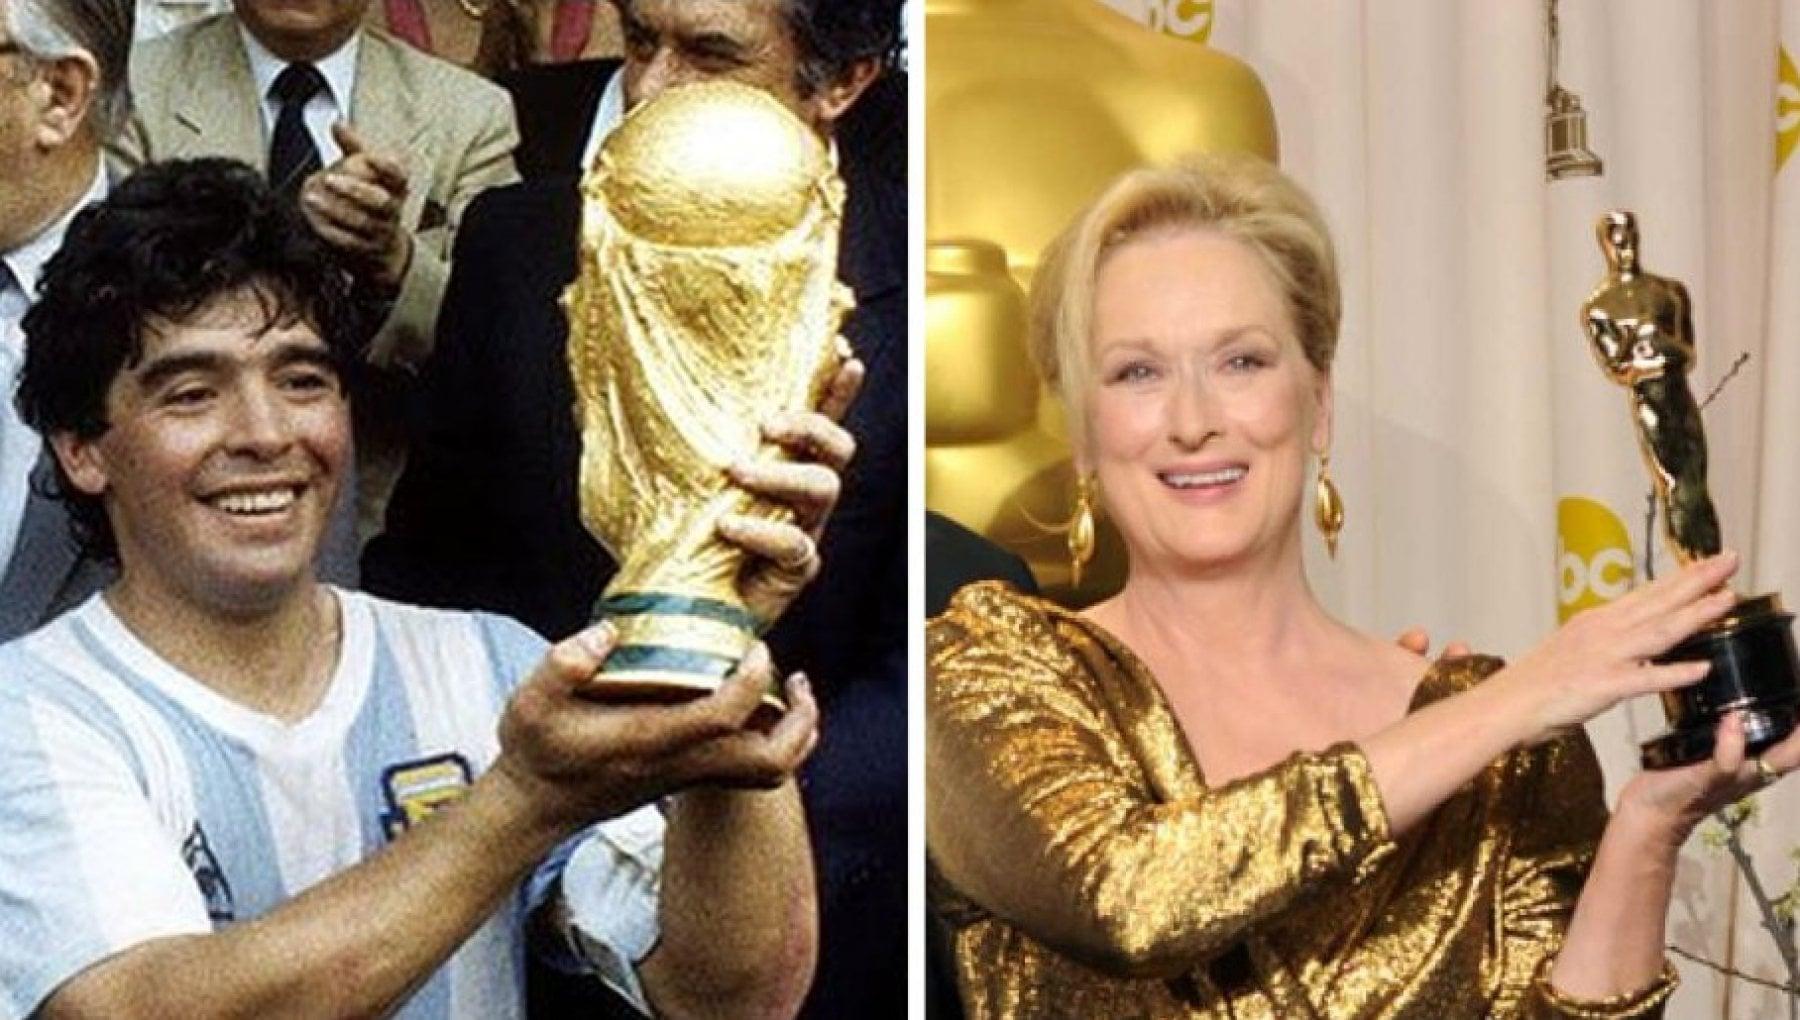 Perche in Argentina tutti parlano di Maradona e Meryl Streep